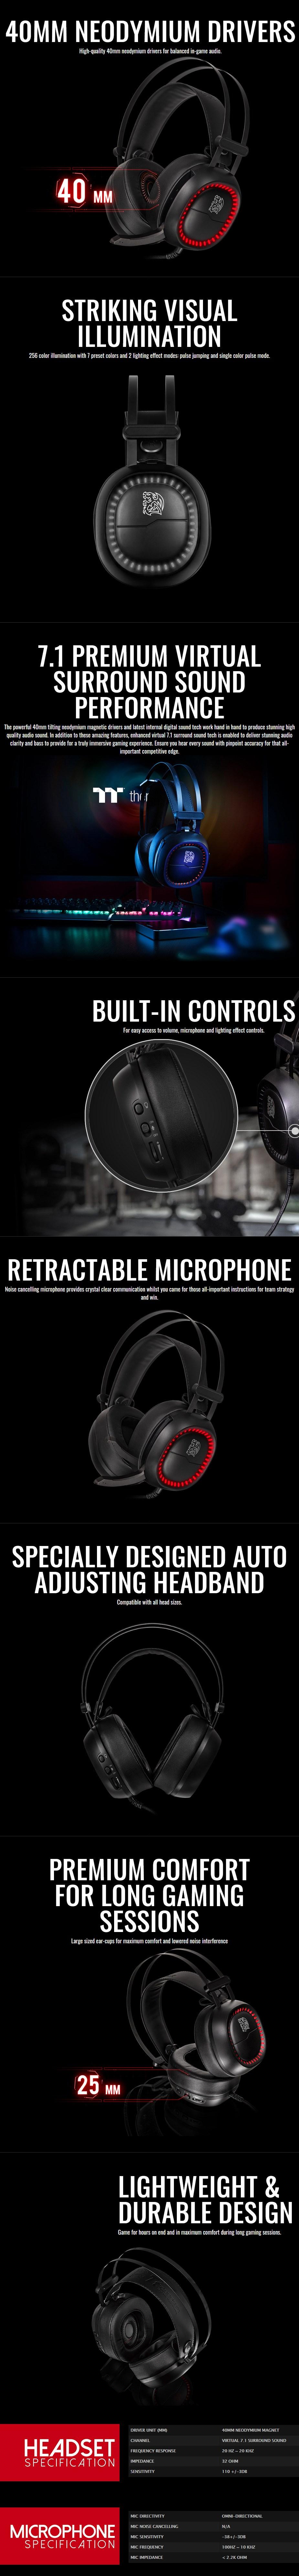 thermaltake-ttesports-shock-pro-rgb-71-usb-gaming-headset-ac33938-6.jpg